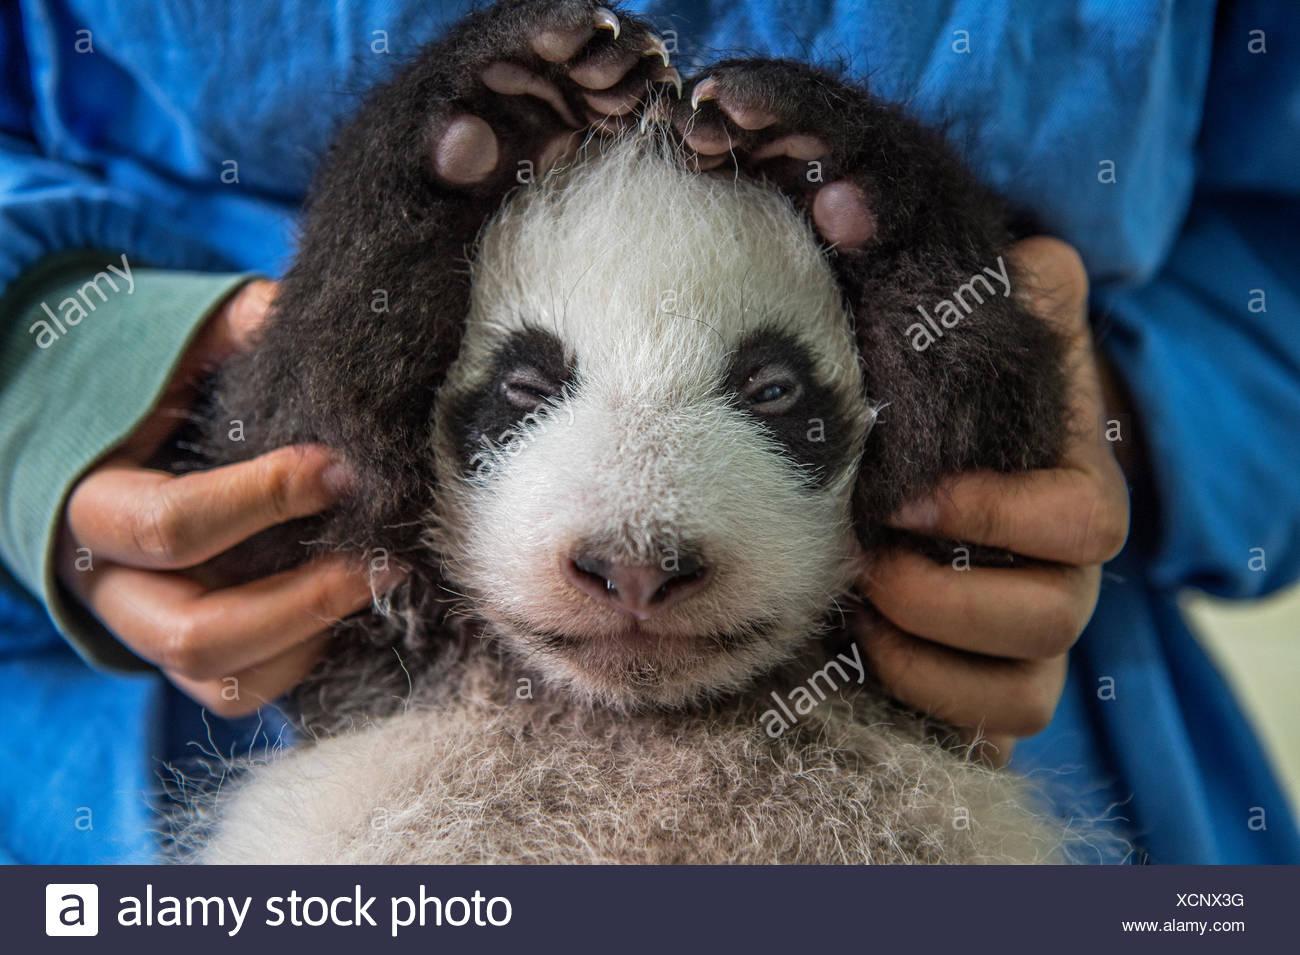 Un mese due vecchie panda gigante cub è curato a la Bifengxia Panda Gigante allevamento e centro di ricerca nella provincia di Sichuan, in Cina. Immagini Stock